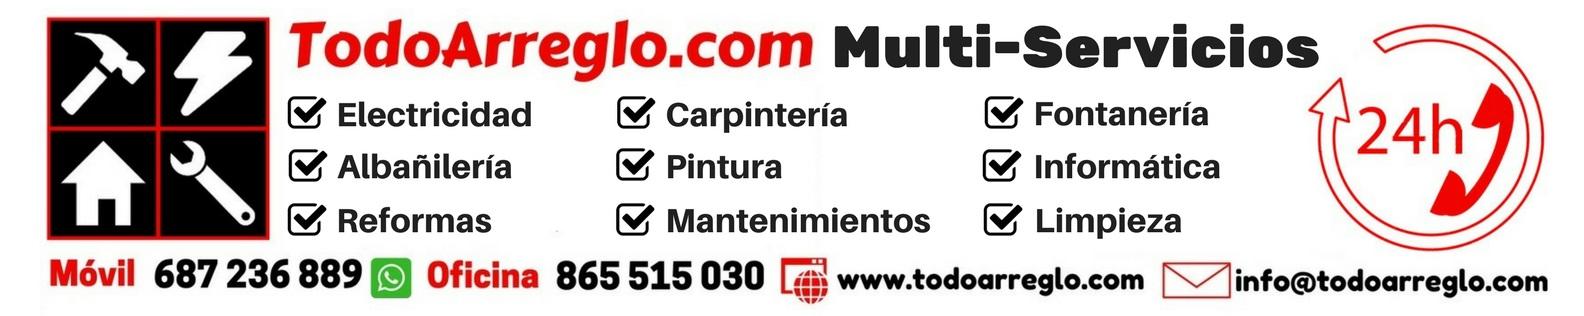 TodoArreglo.com